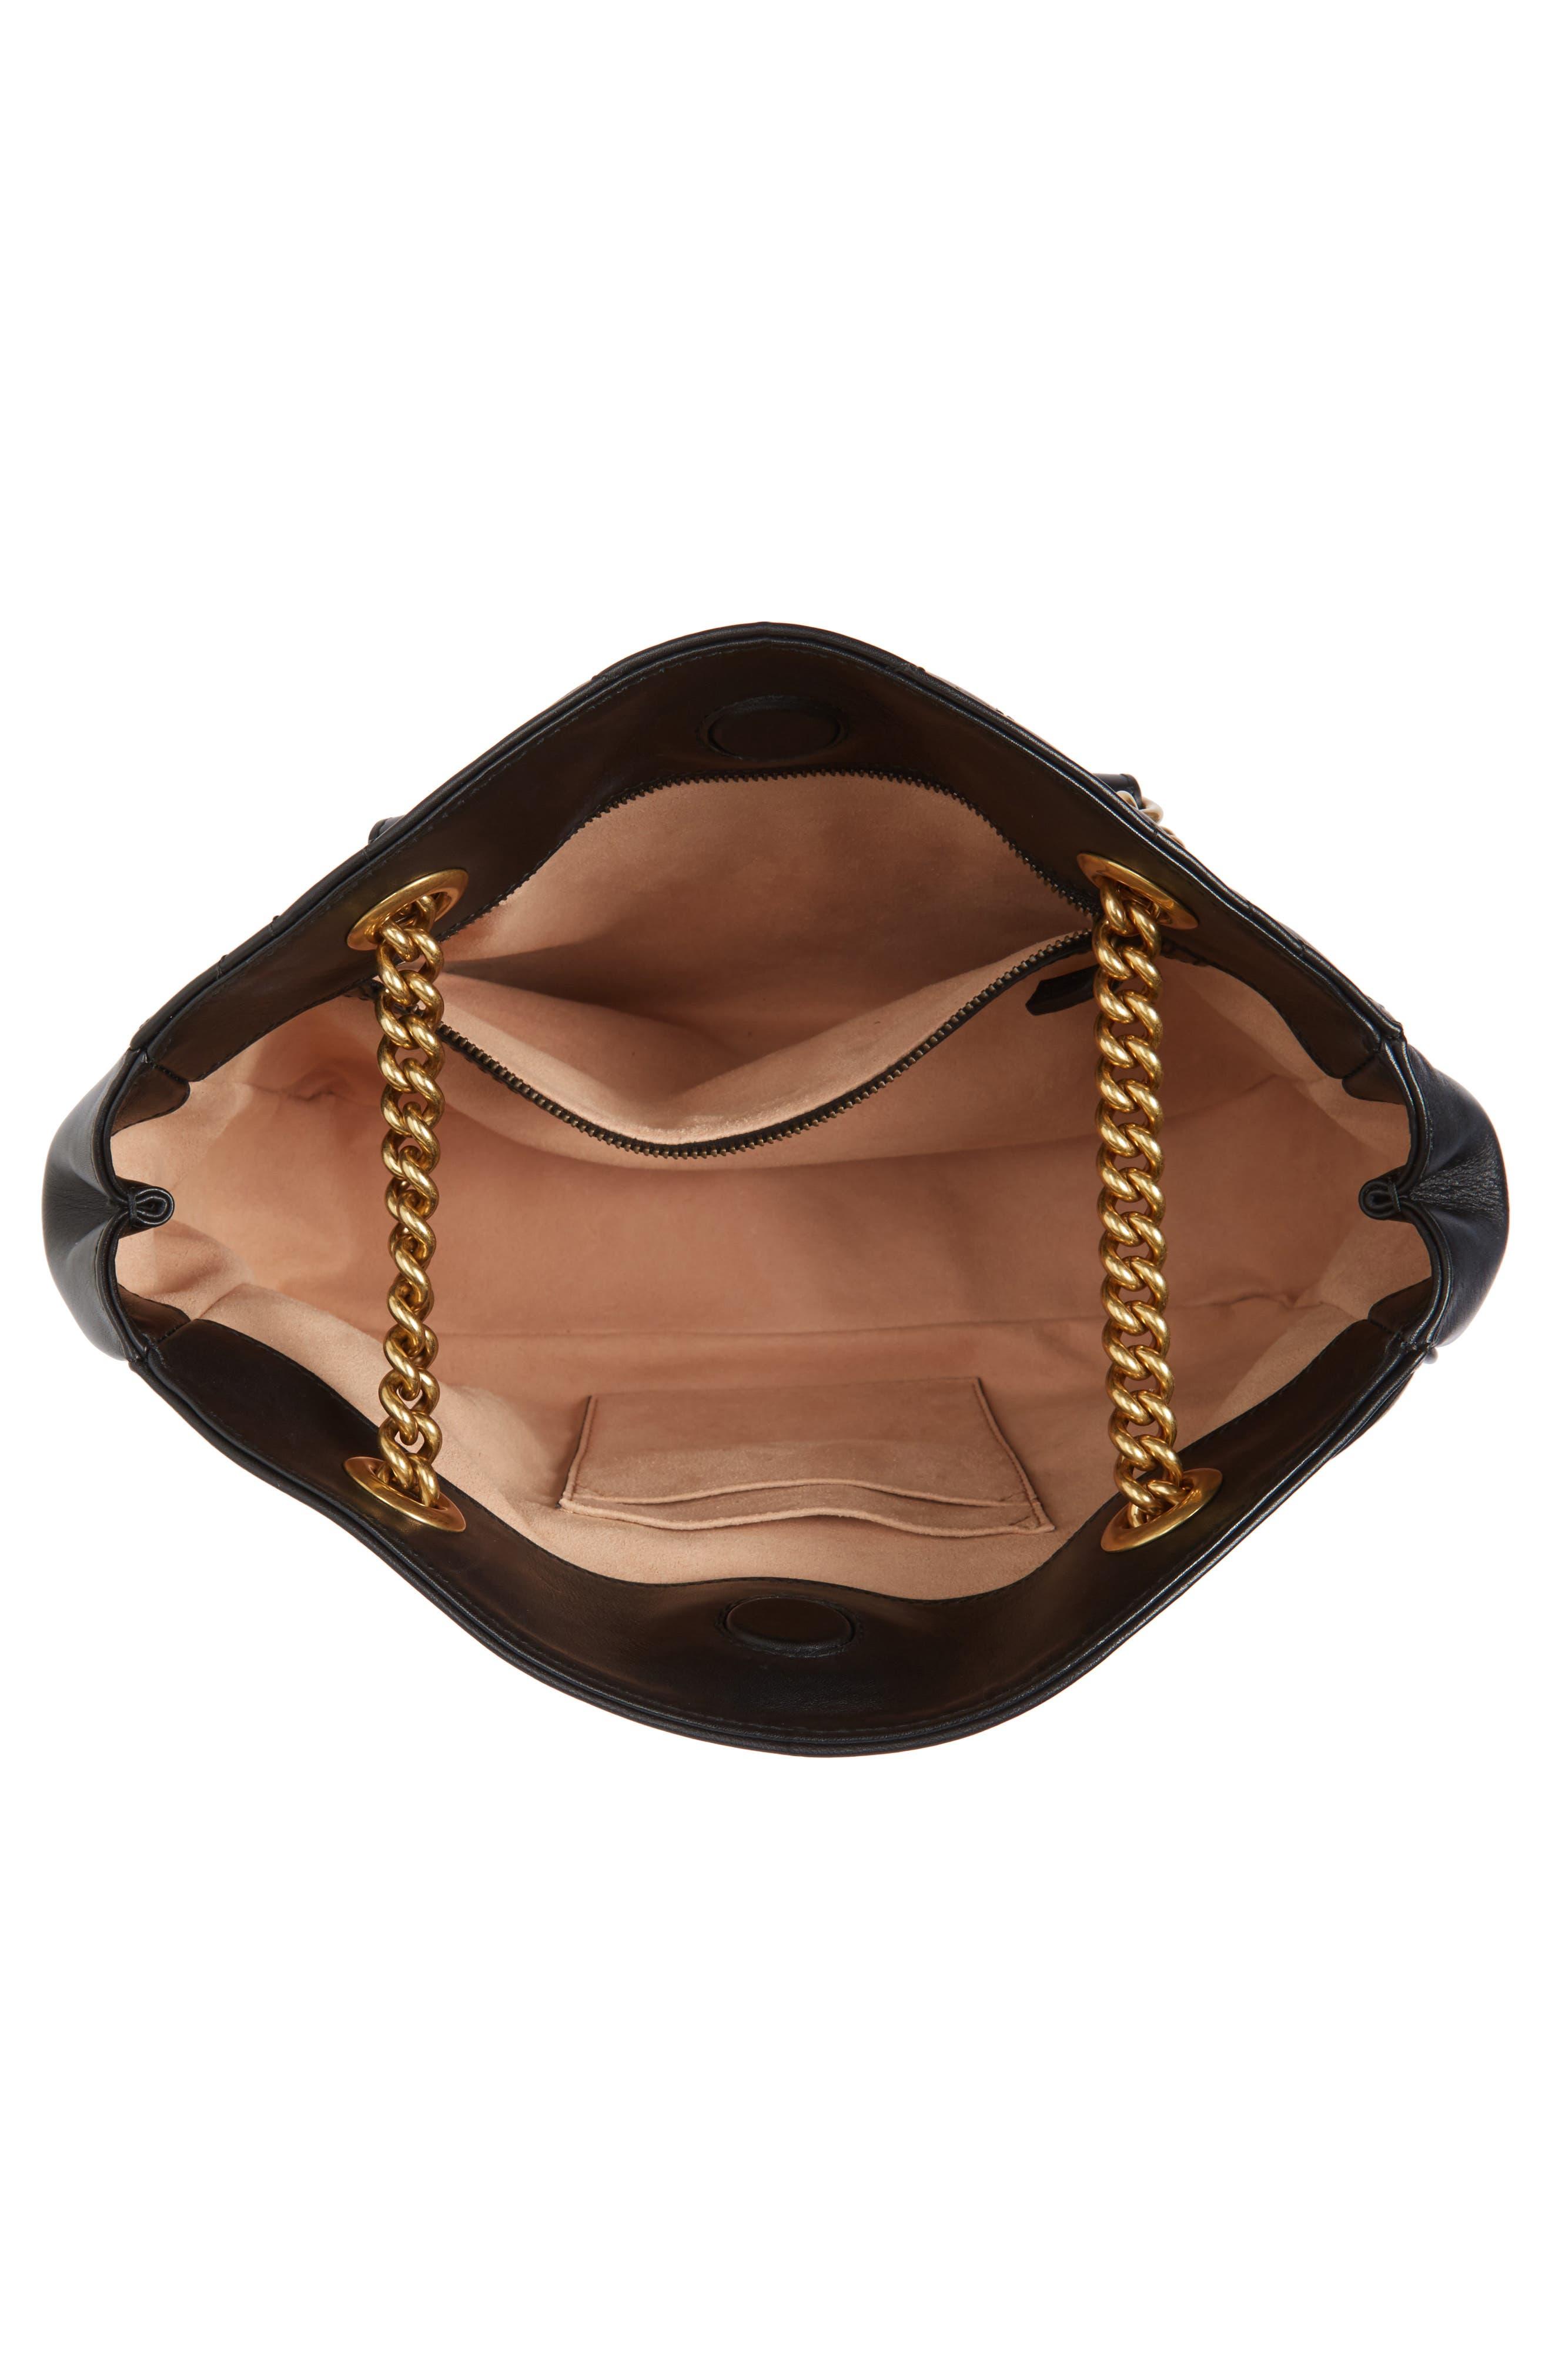 GG Marmont Medium Matelassé Leather Top Handle Shoulder Bag,                             Alternate thumbnail 4, color,                             005